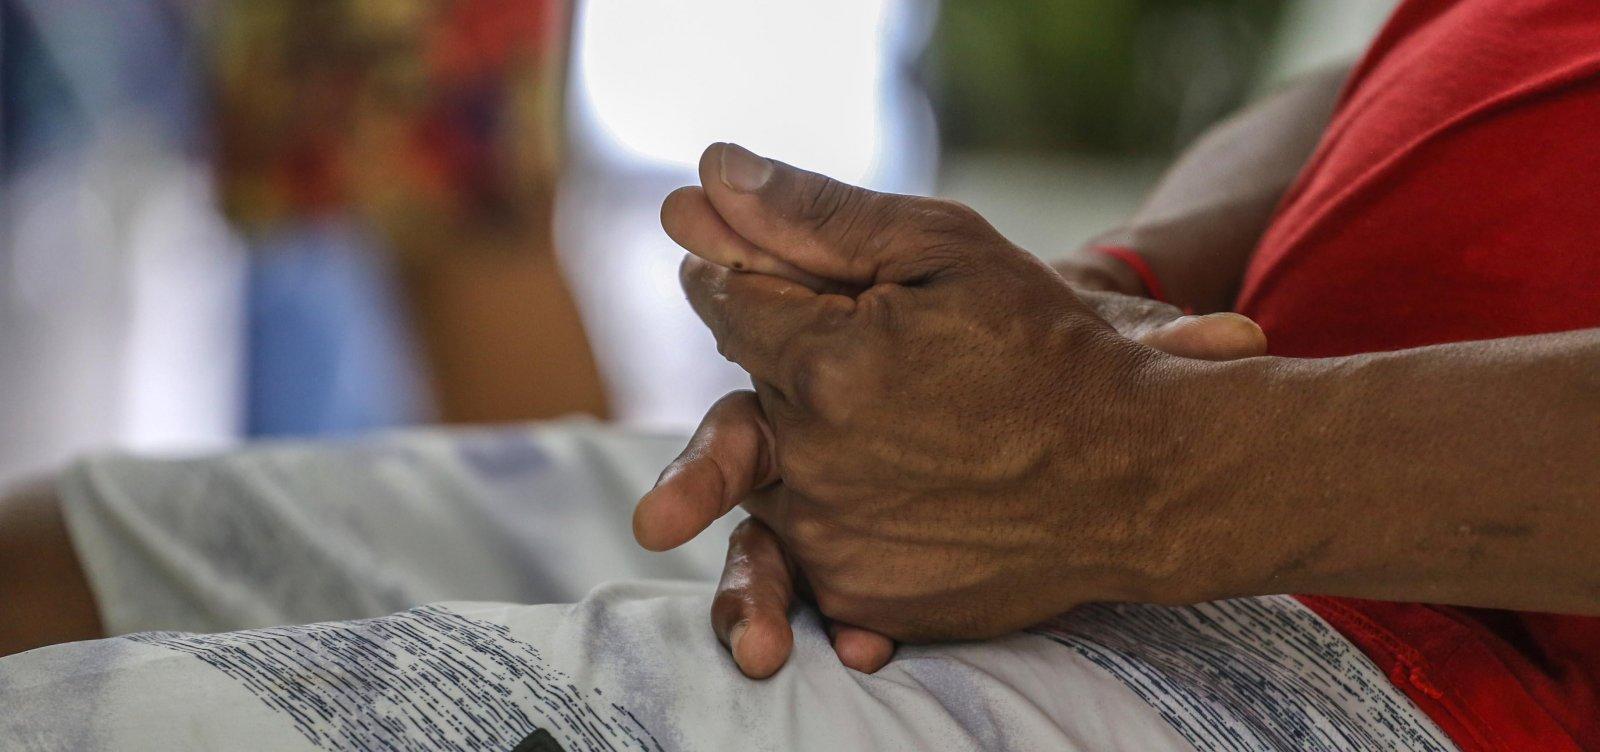 Salvador realiza vacinação da população em situação de rua nesta terça em cinco pontos